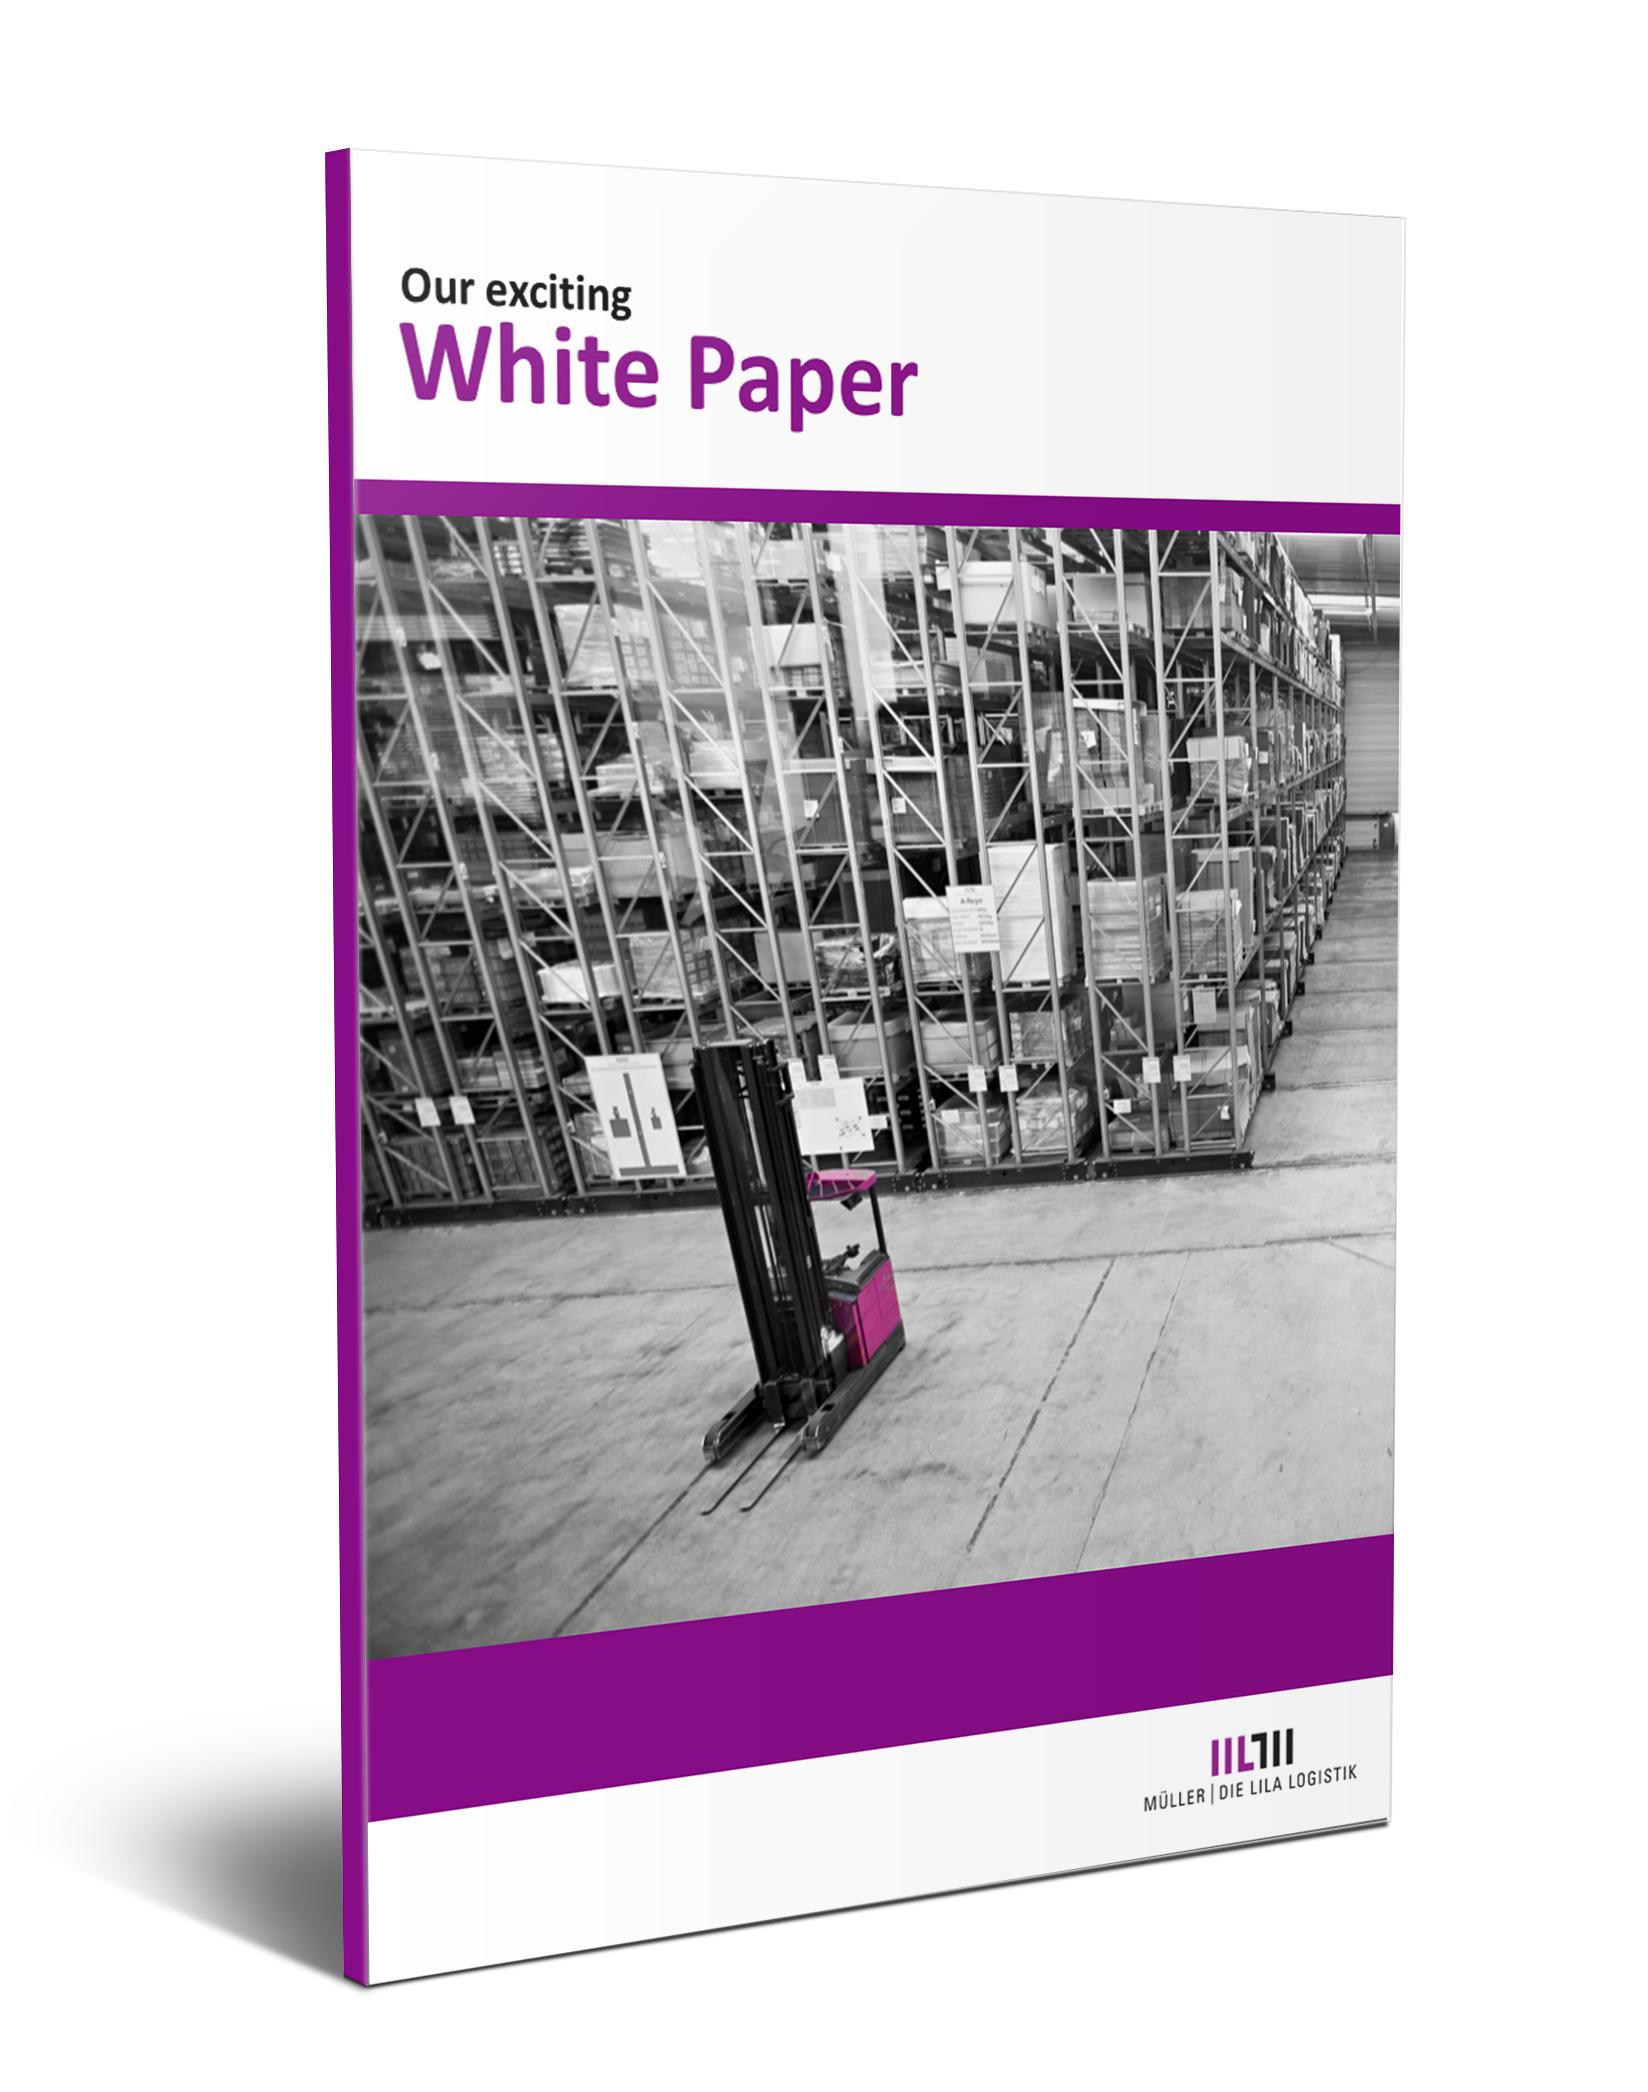 20190201_LilaLogistik_Whitepaper_3D_Cover_EN